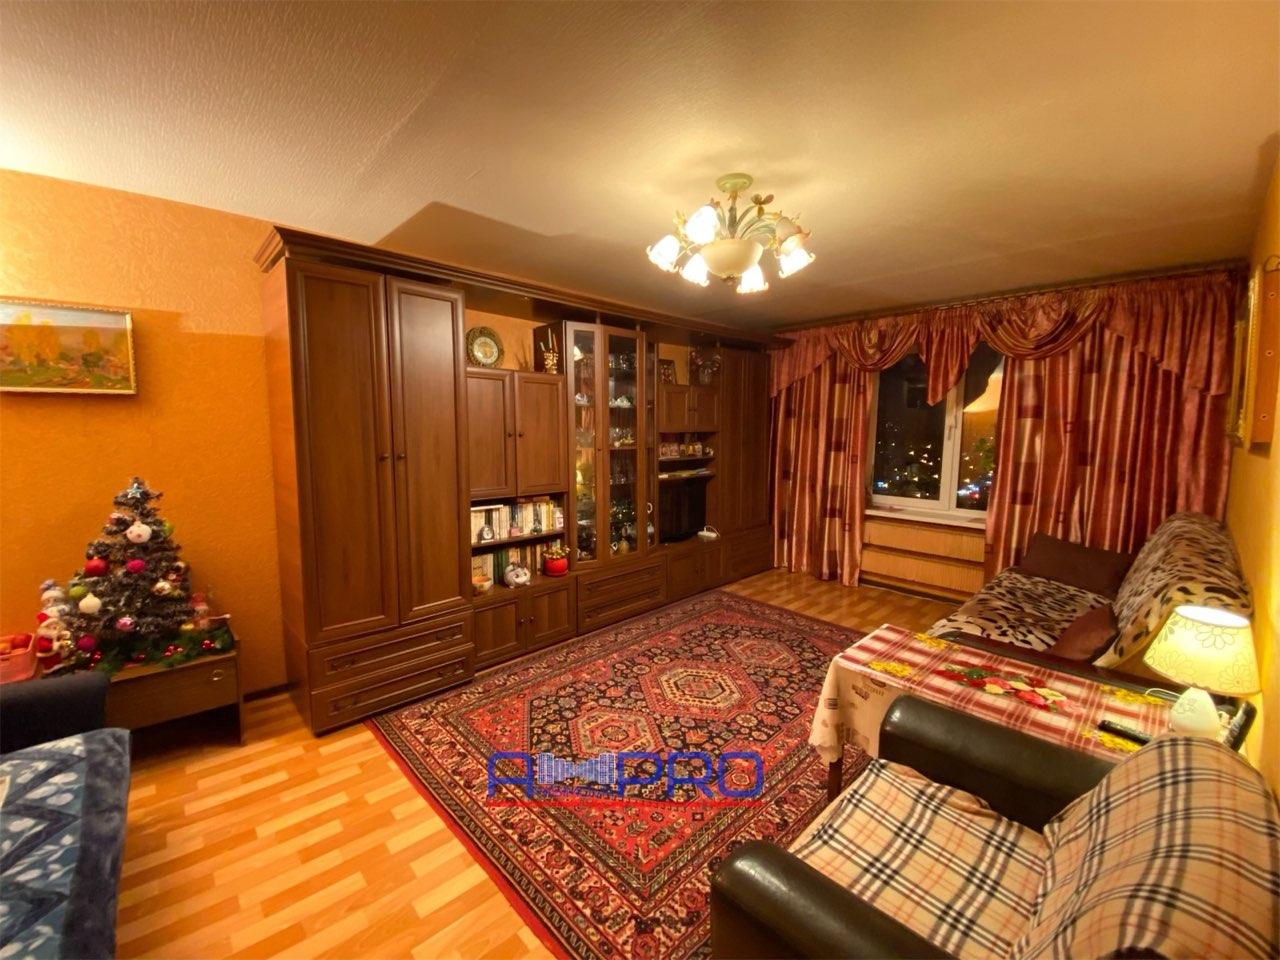 купить квартиру в москве15